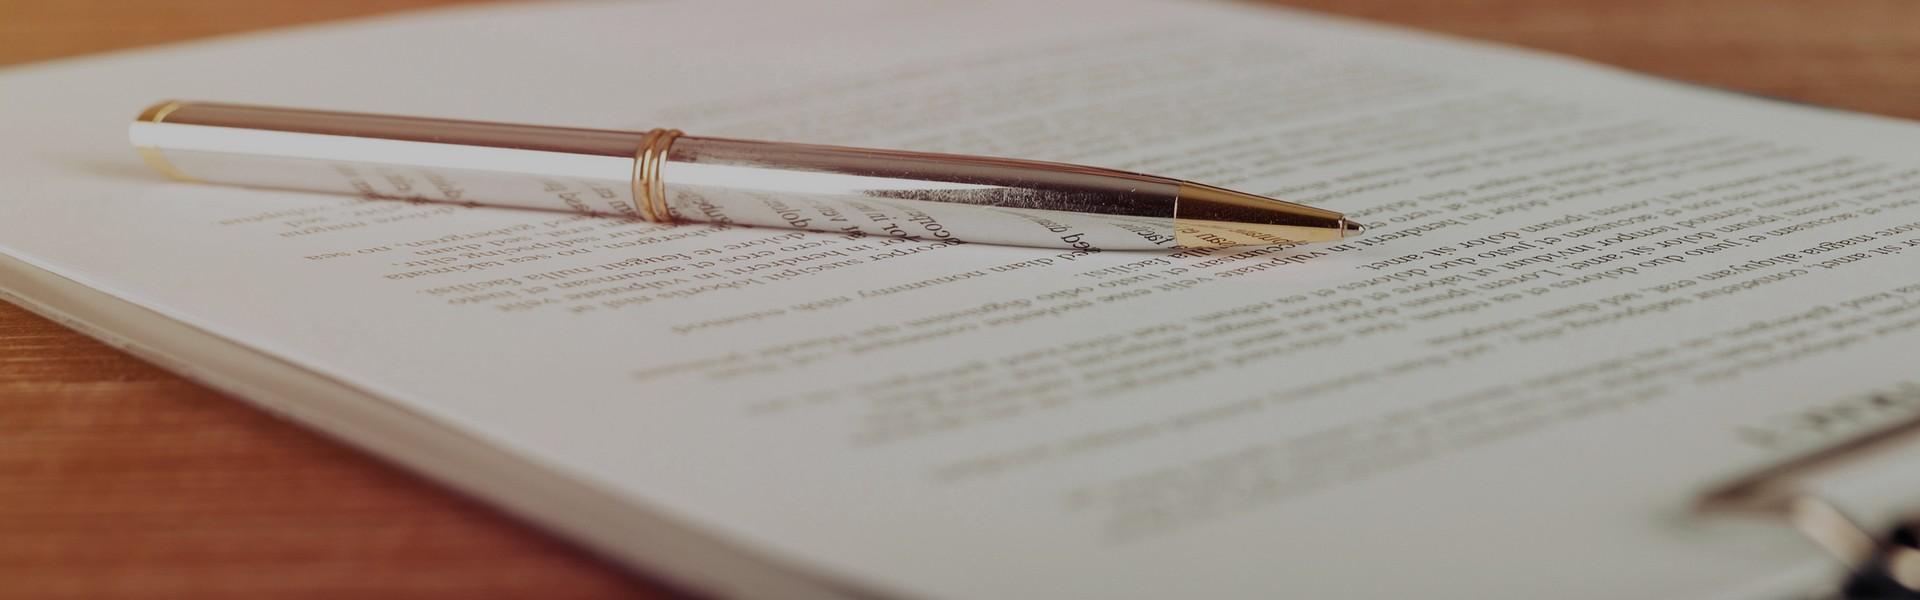 Tarneden-Rechtsanwalt-Datenschutz